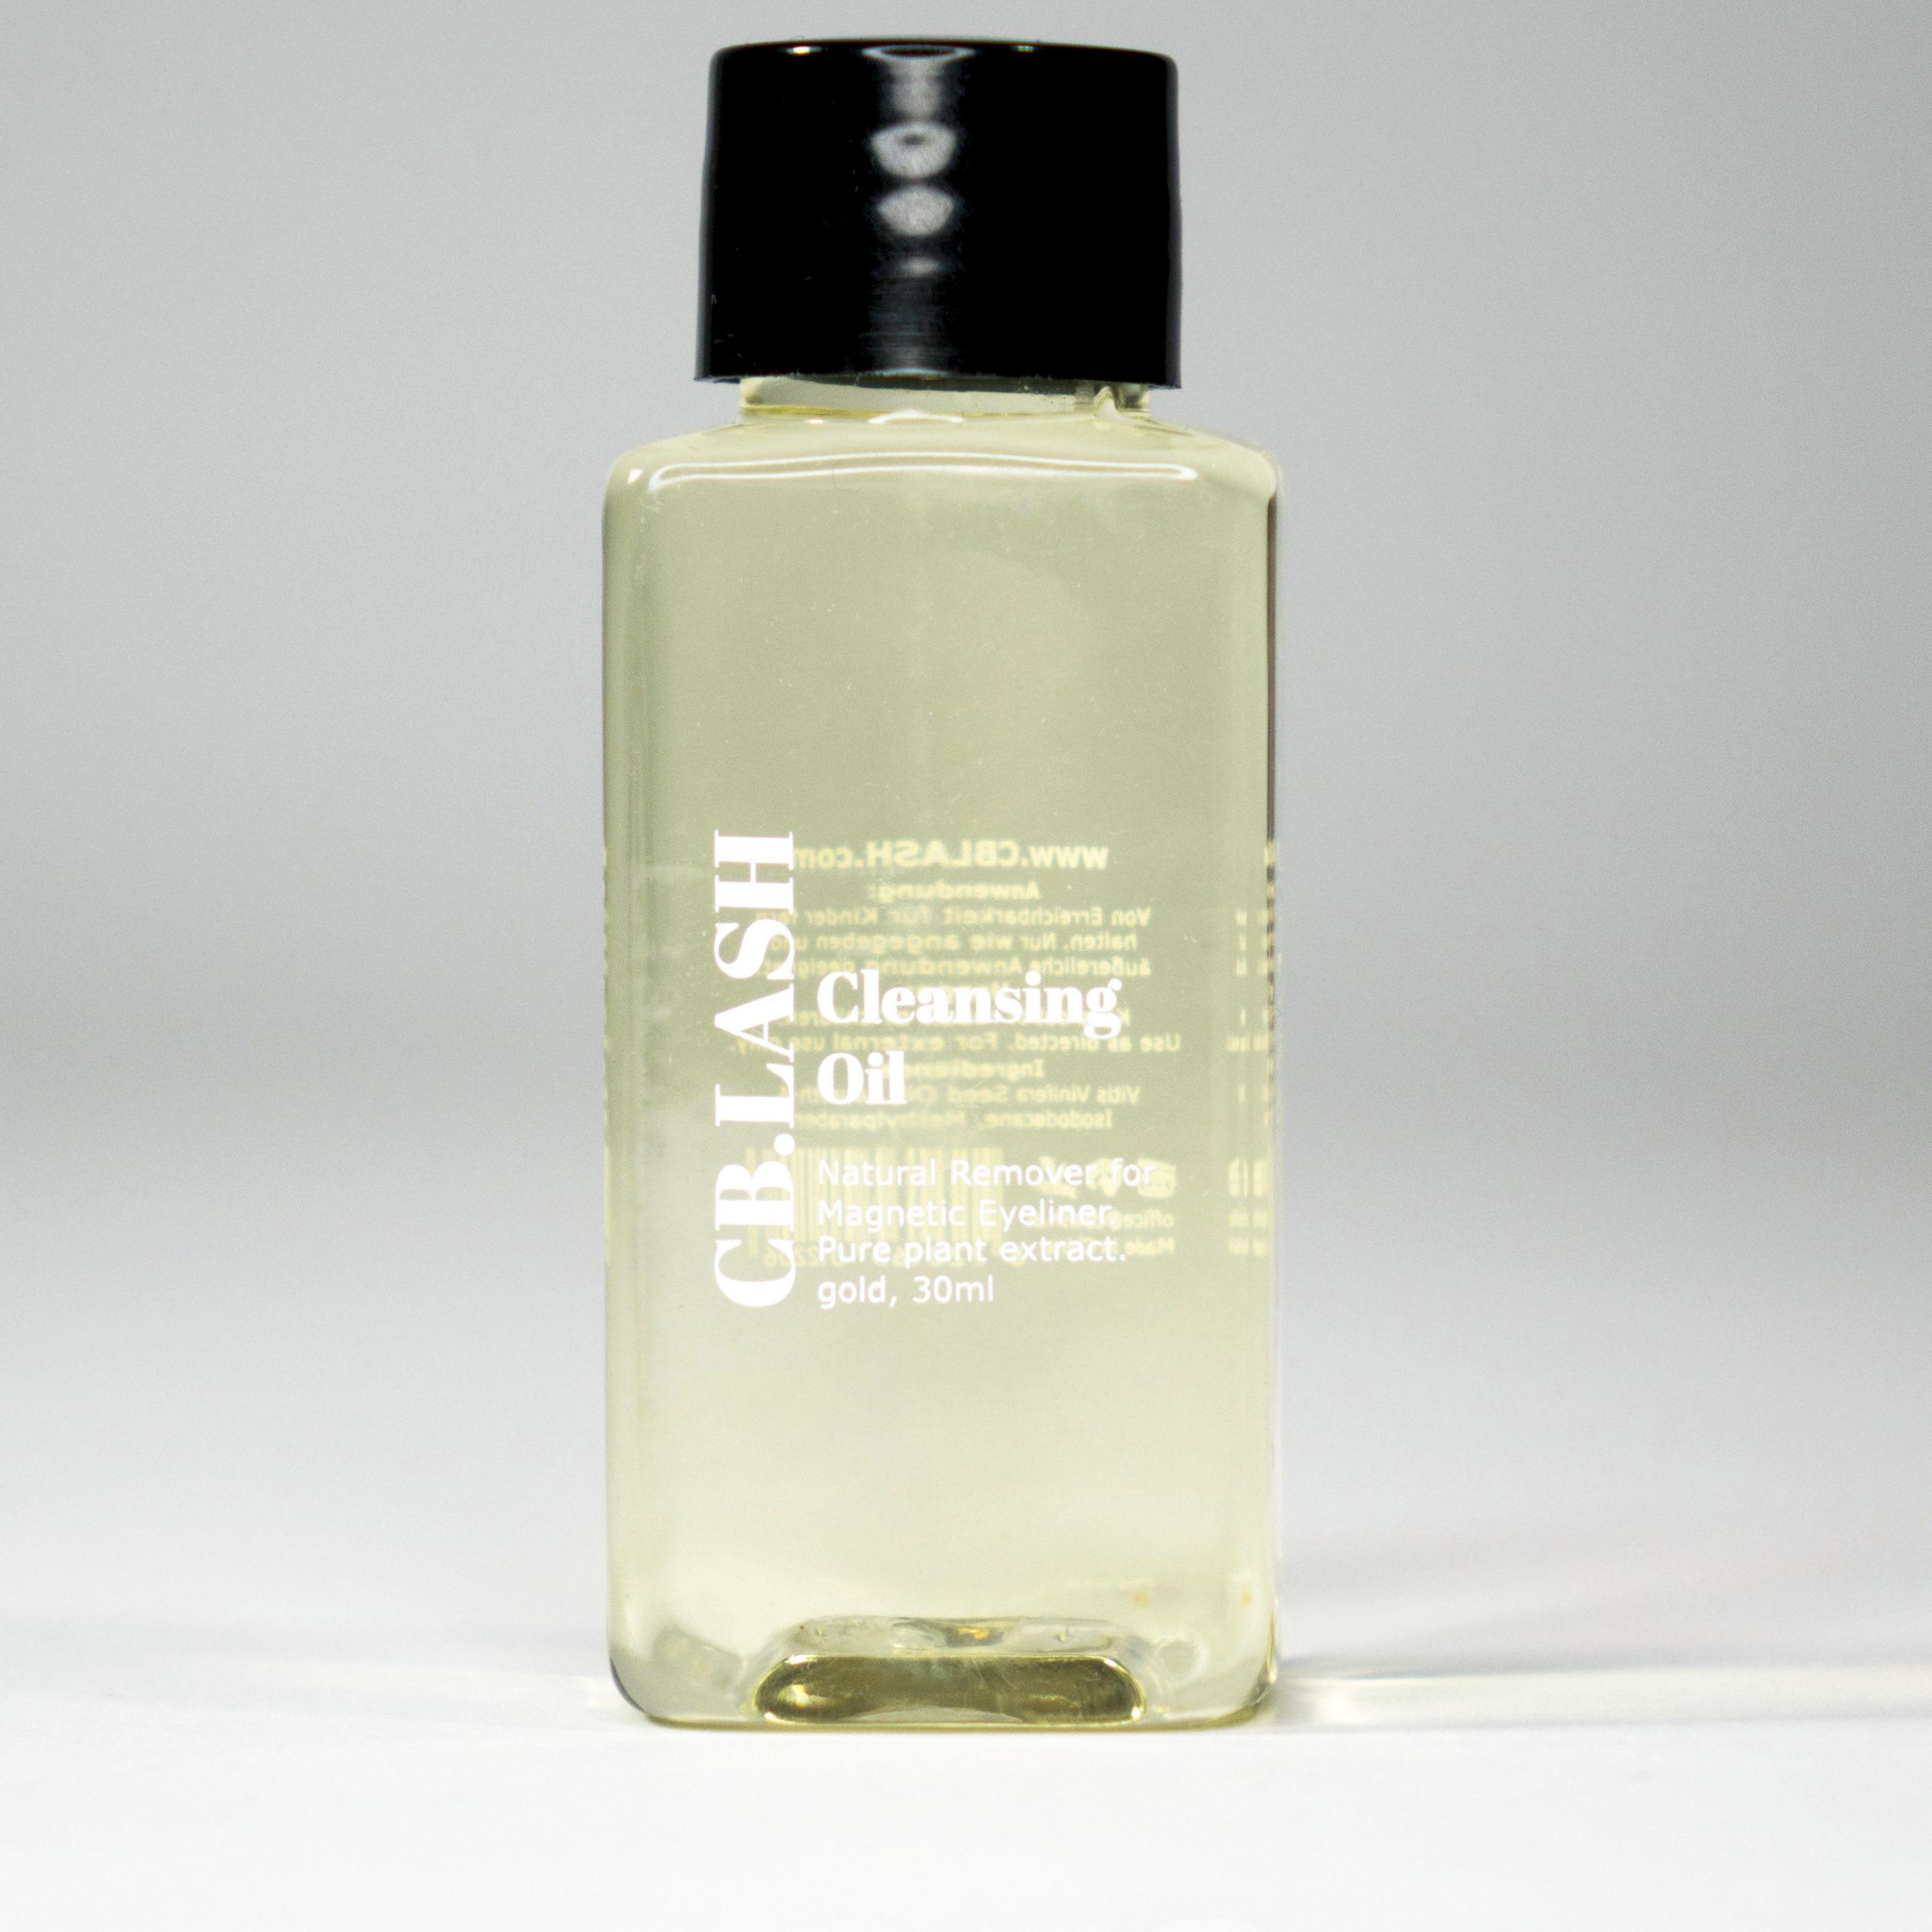 1 Cleanser Reinigungs-Öl speziell zur Entfernung des Magnet-Eyeliners.